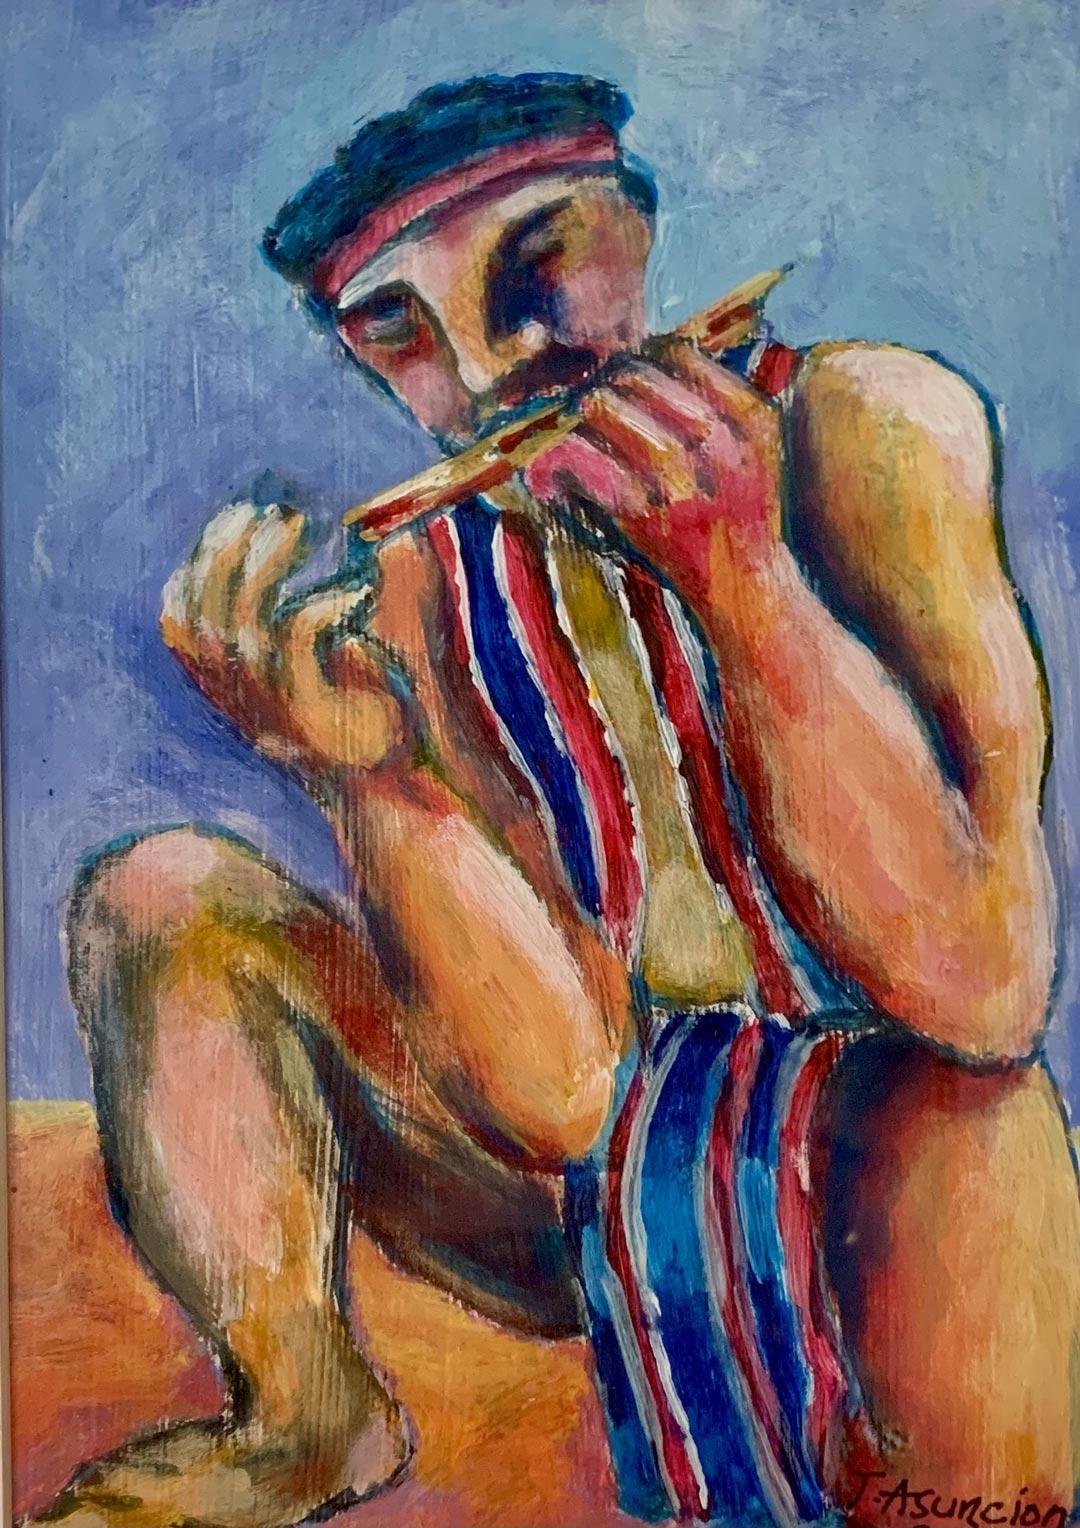 Kubing by Teody Asuncion